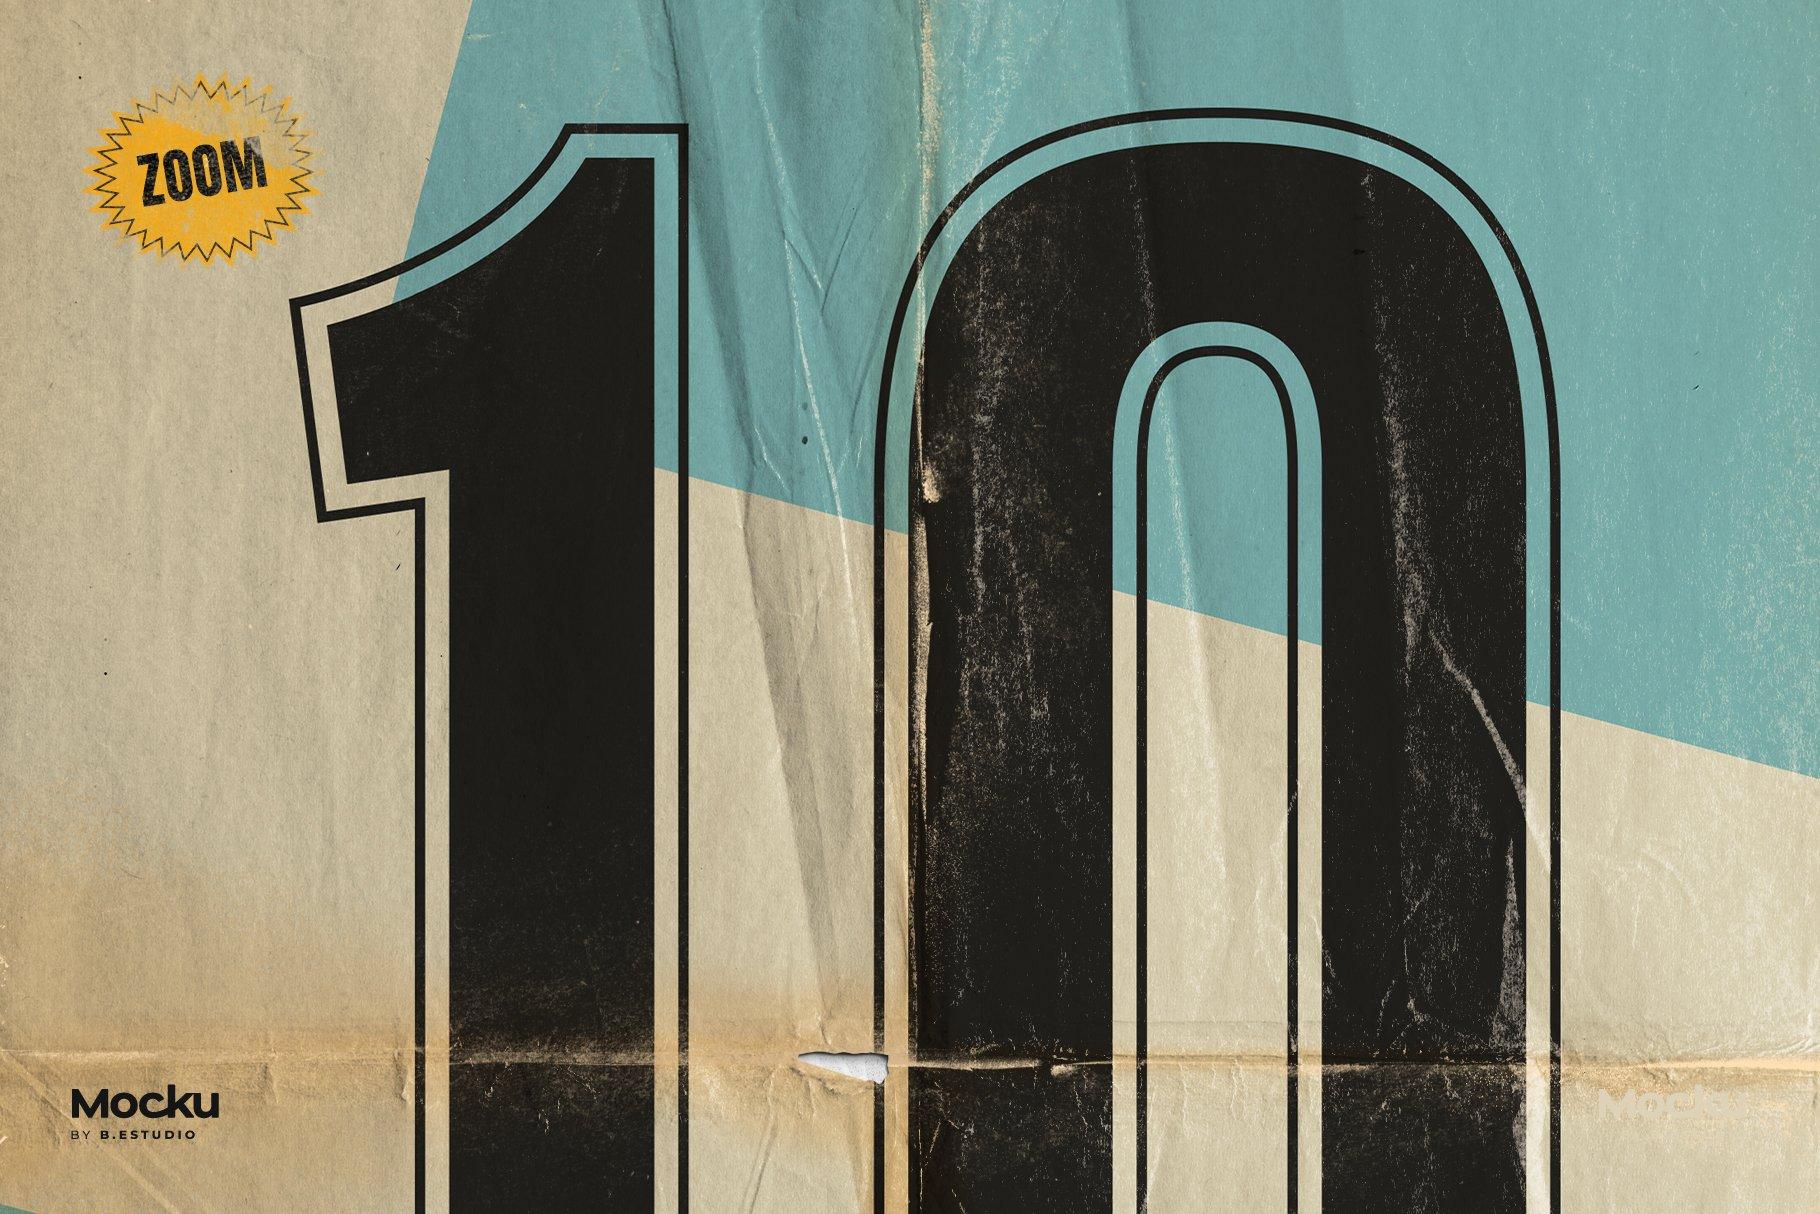 Megapack 复古破旧划痕撕纸褶皱海报PSD模板+笔刷(4318)插图(7)